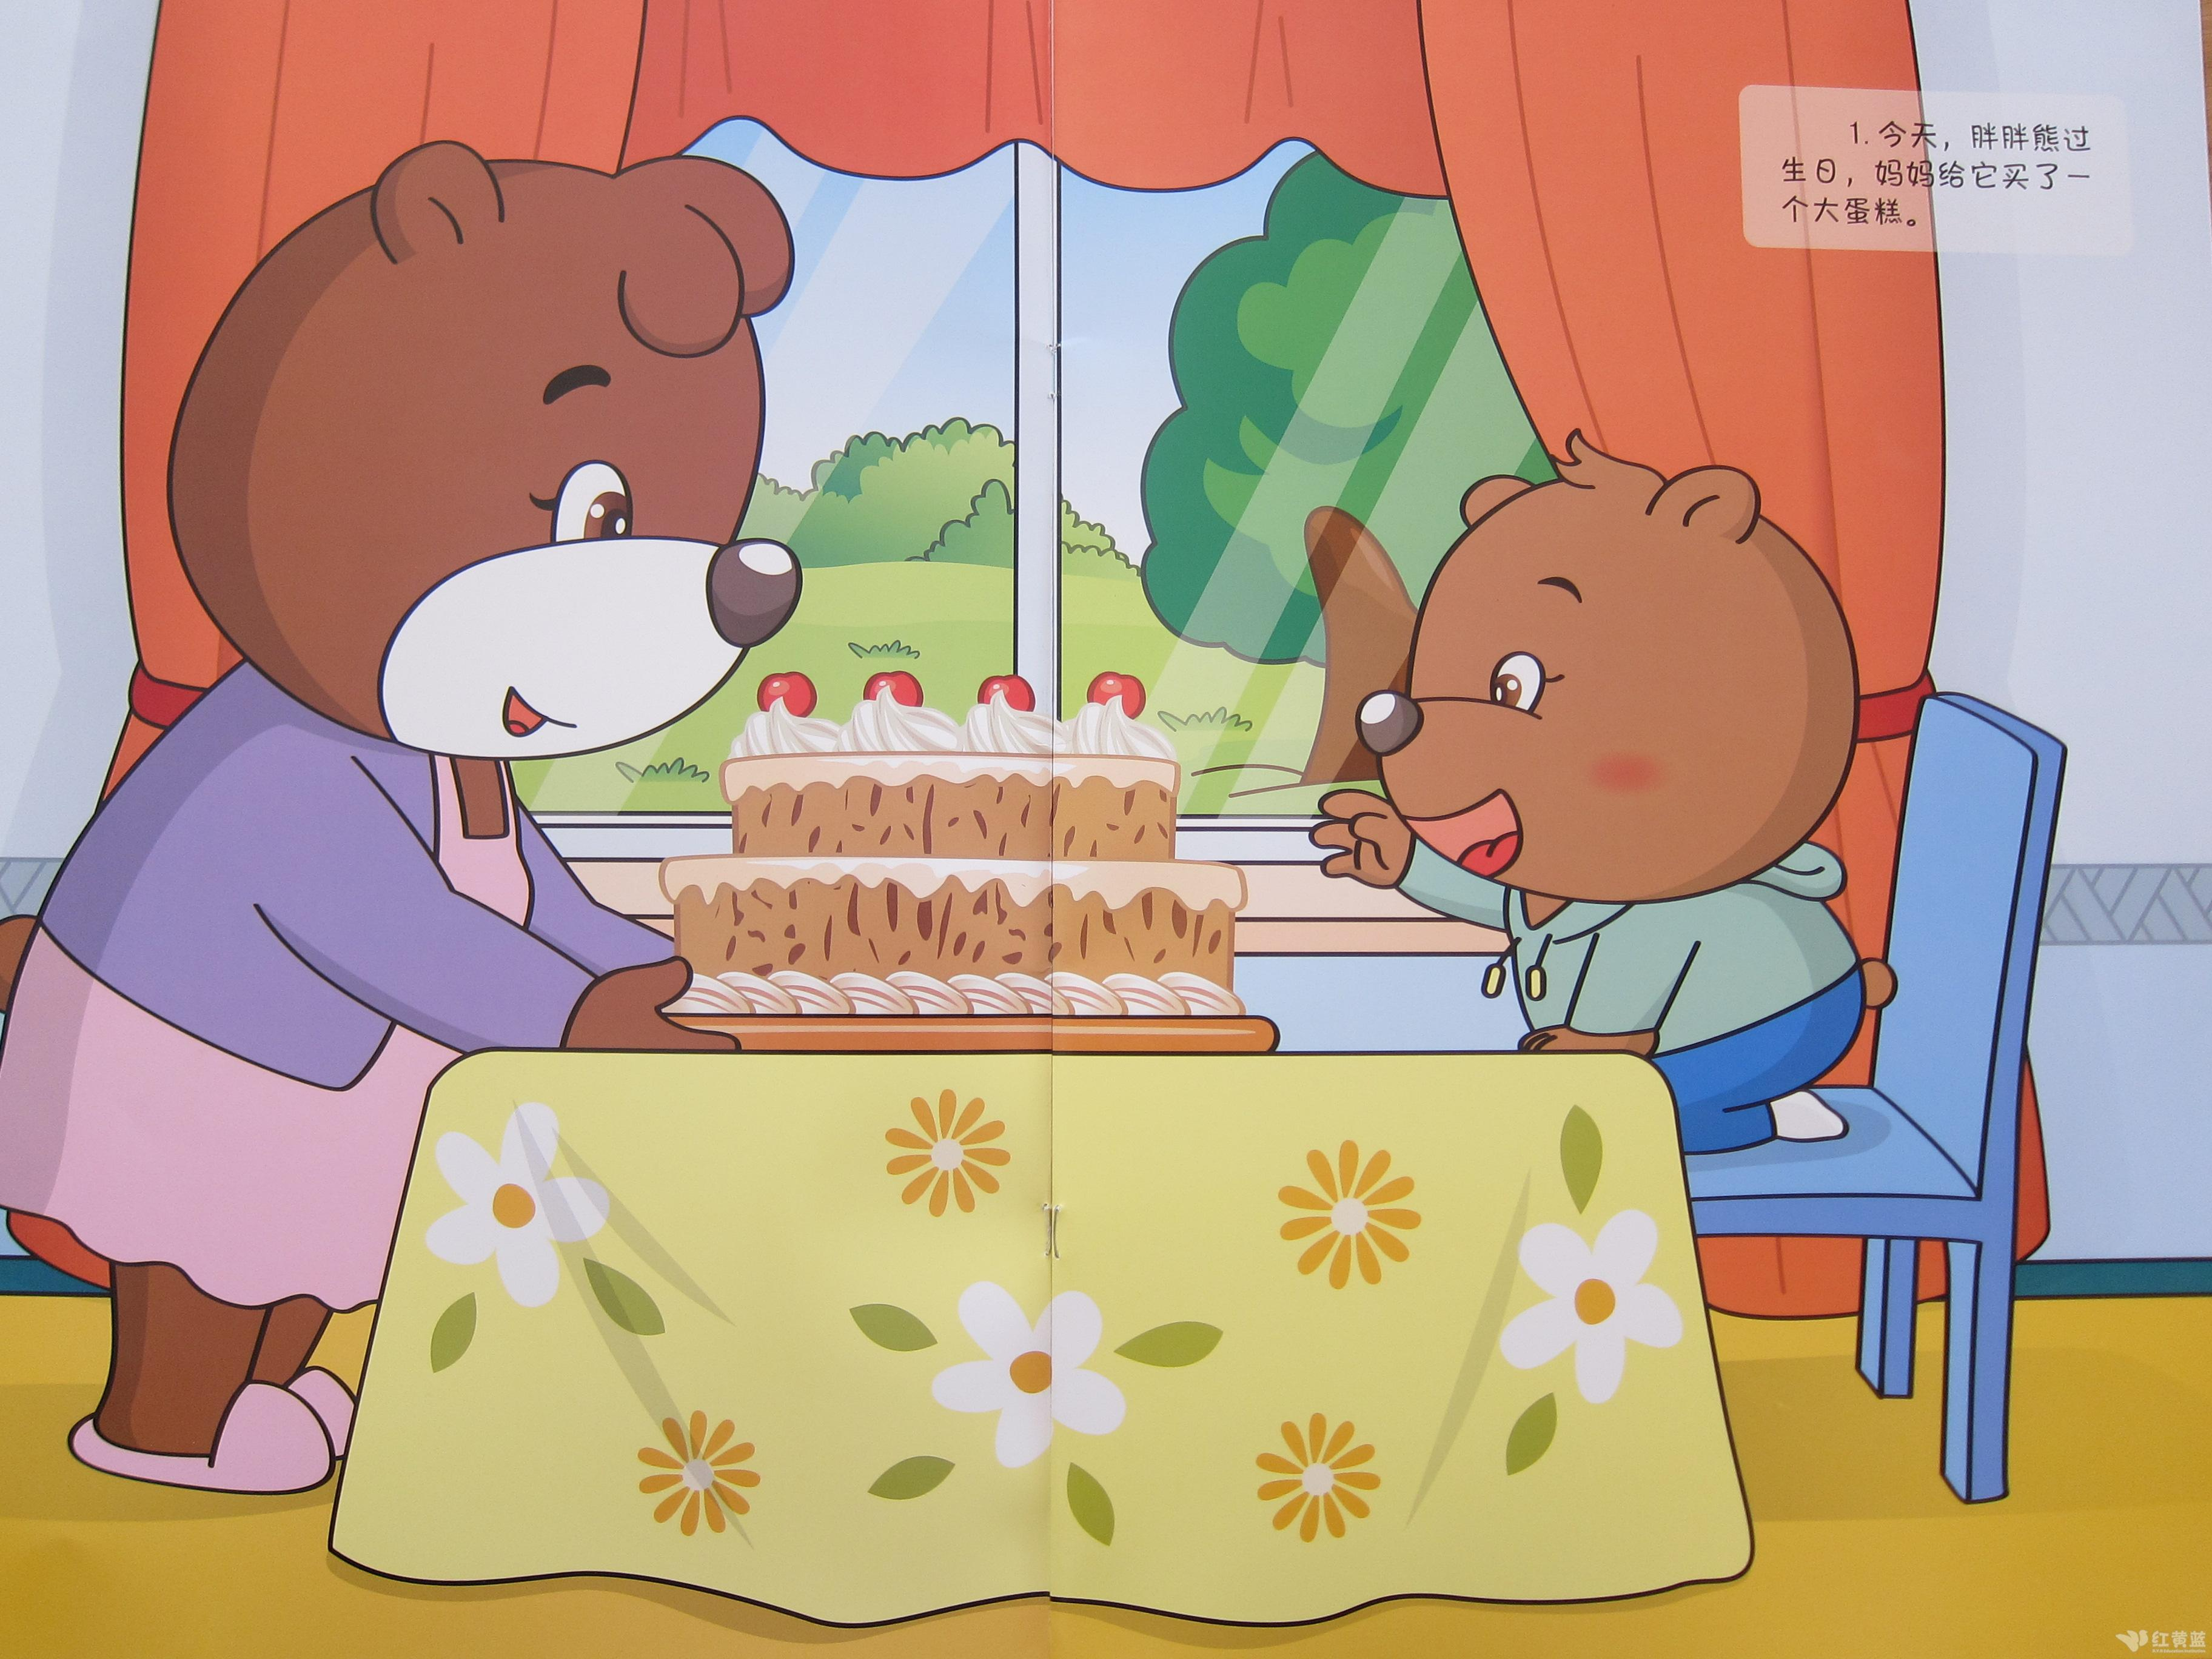 胖胖熊过生日,妈妈给它买了一个大蛋糕